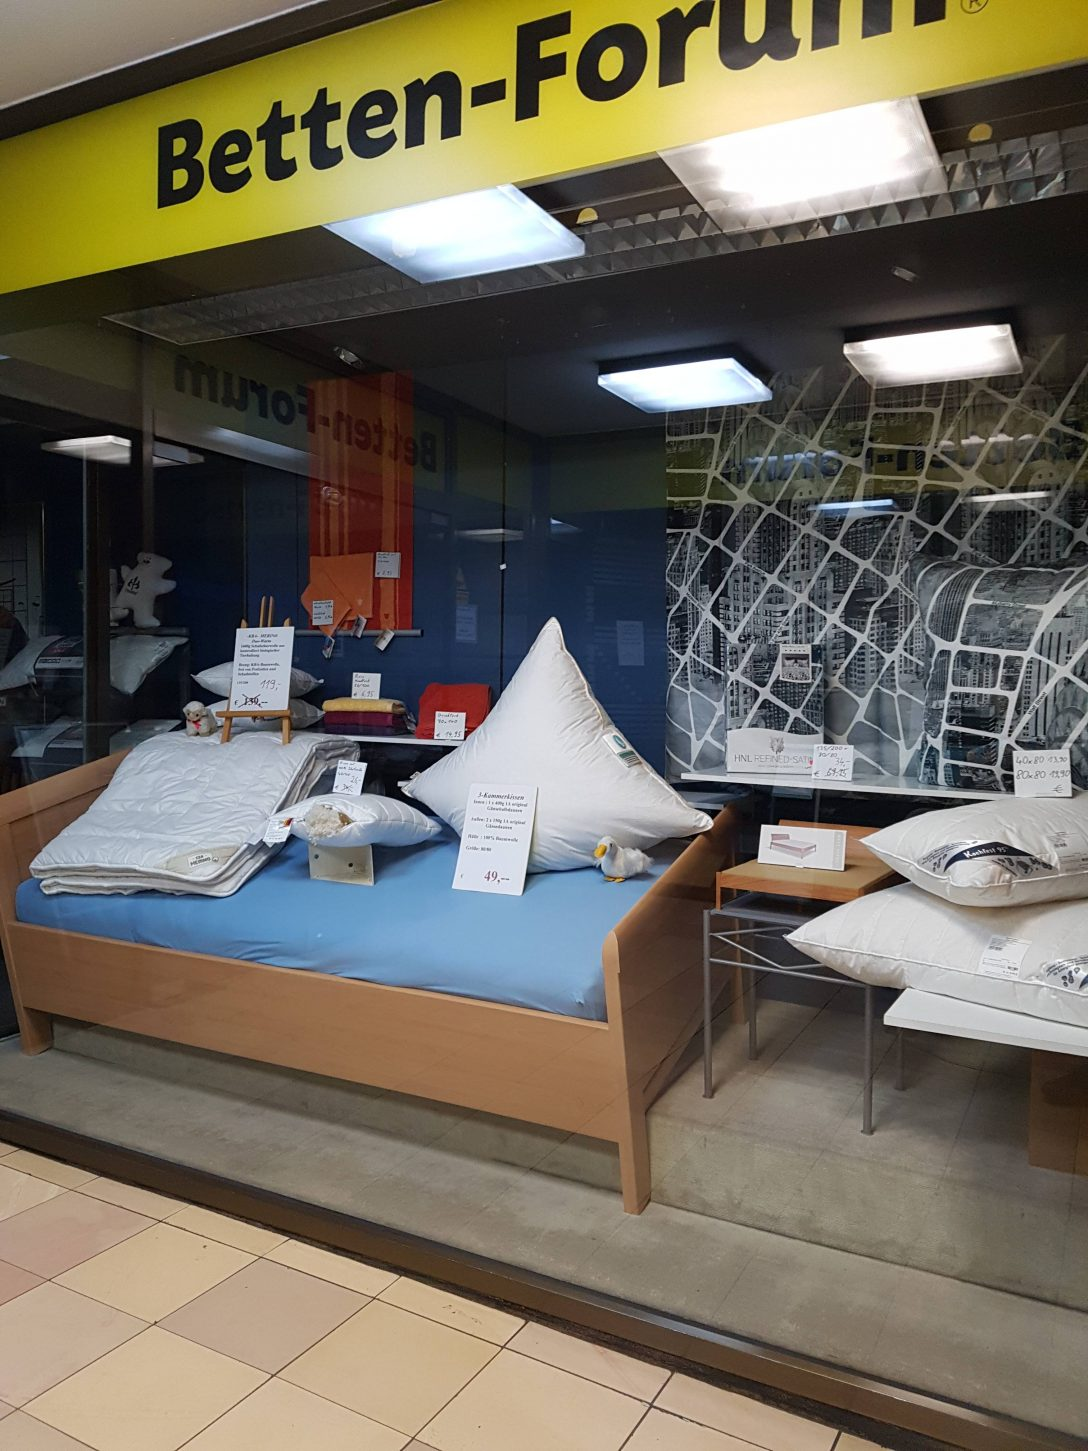 Large Size of Betten Forum Dsseldorfer 7 Inh Gimou Gmbh 51379 Ruf Oschmann Kinder Mit Aufbewahrung Frankfurt 180x200 Hohe Günstig Kaufen Jensen Günstige 140x200 100x200 Bett Betten Düsseldorf